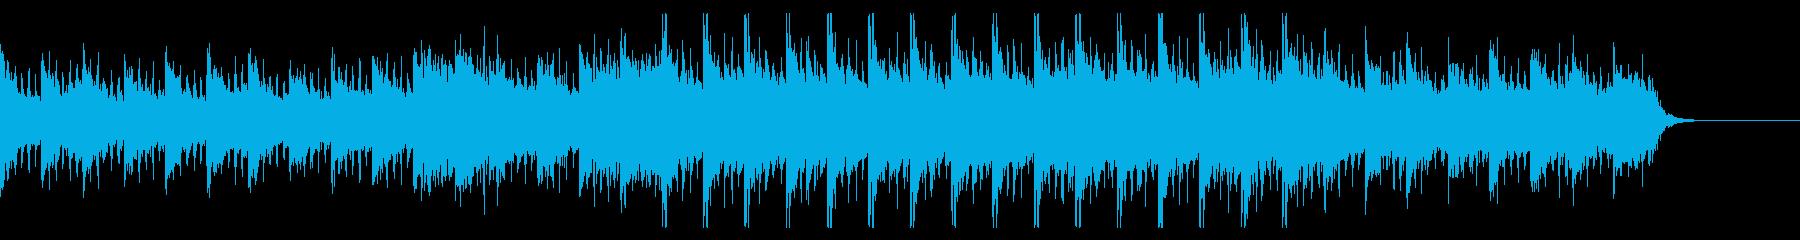 ゲームミュージック/クワイア(合唱)の再生済みの波形